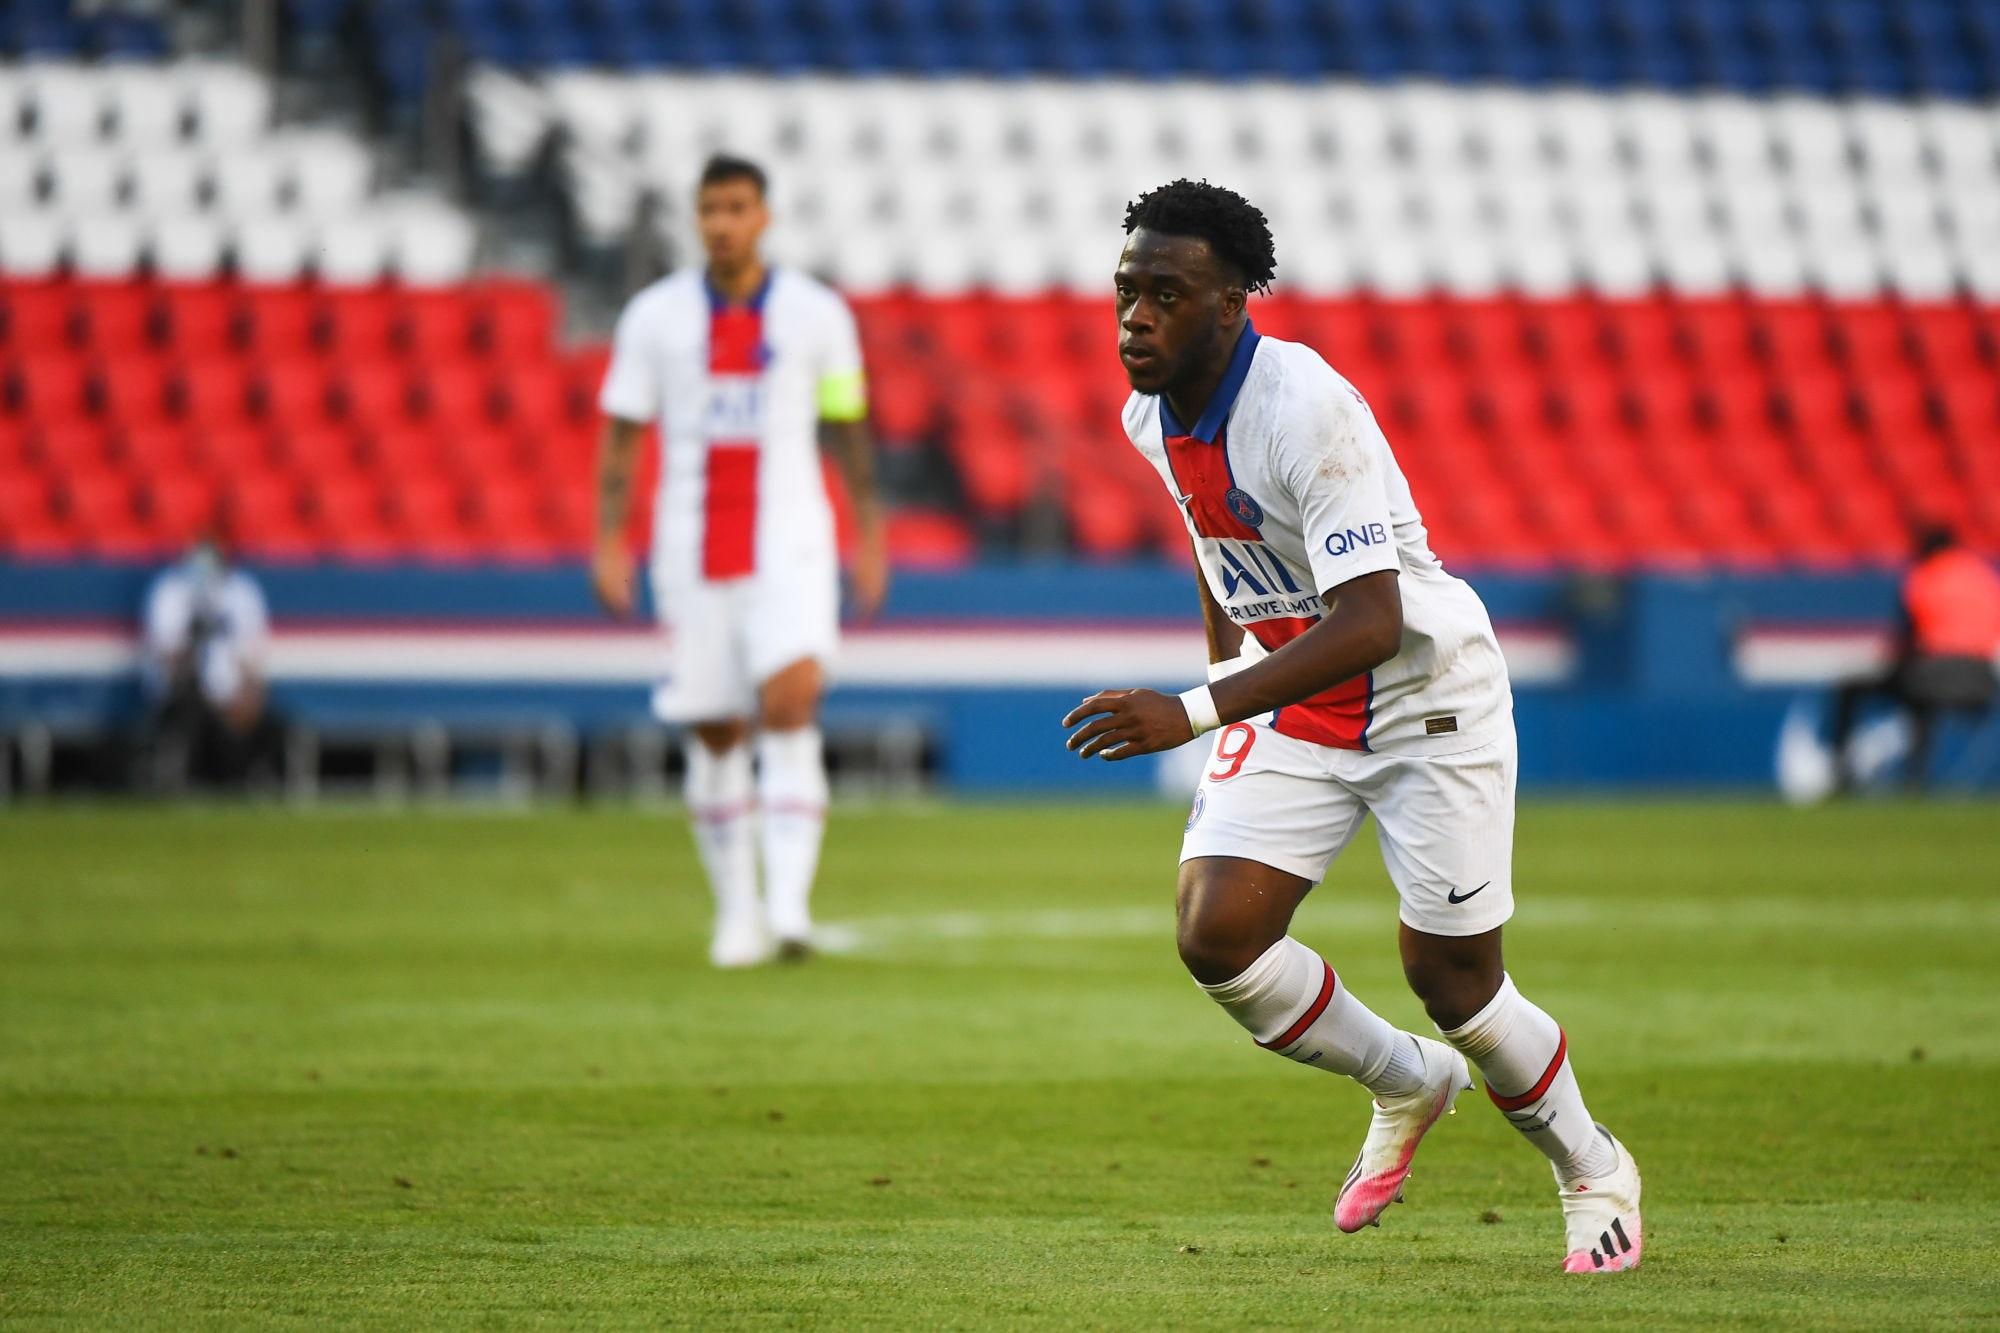 """PSG/Sochaux - Kalimuendo évoque son premier match complet et l'envie """"d'apprendre"""""""